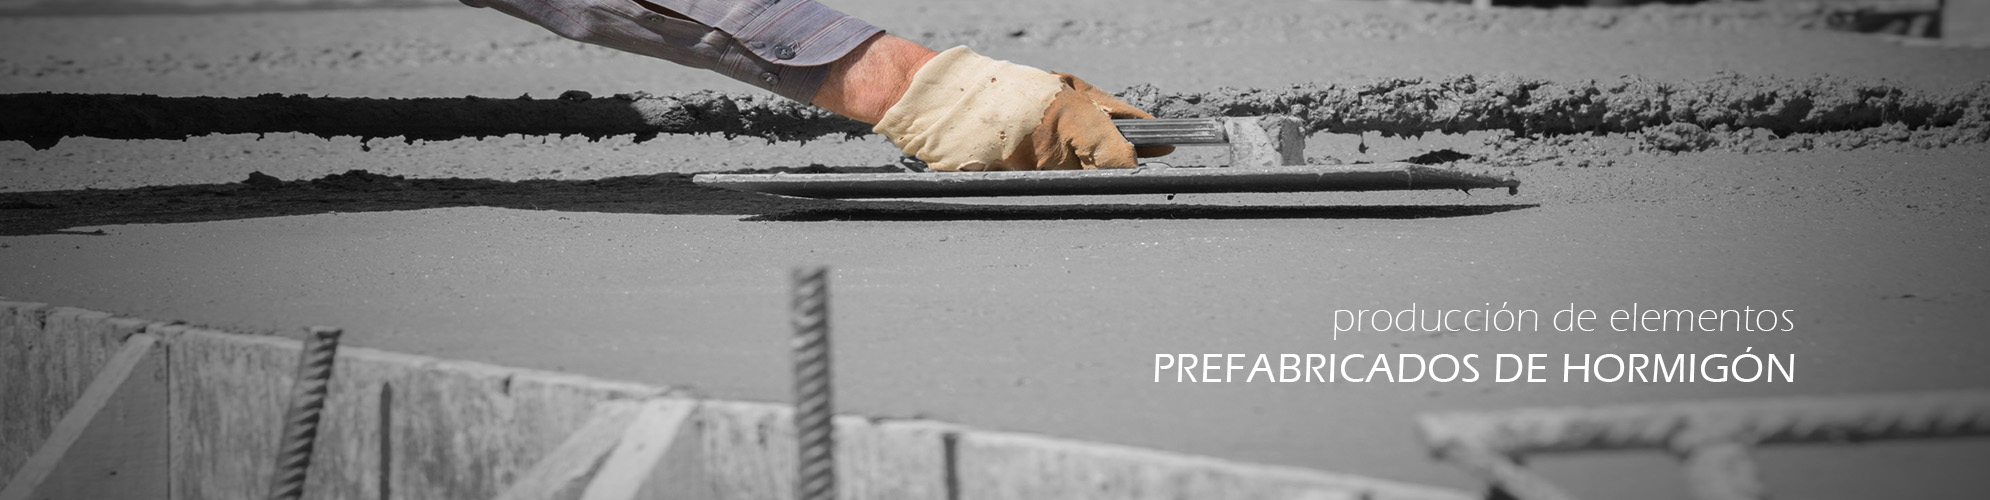 producción de elementos prefabricados de hormigón